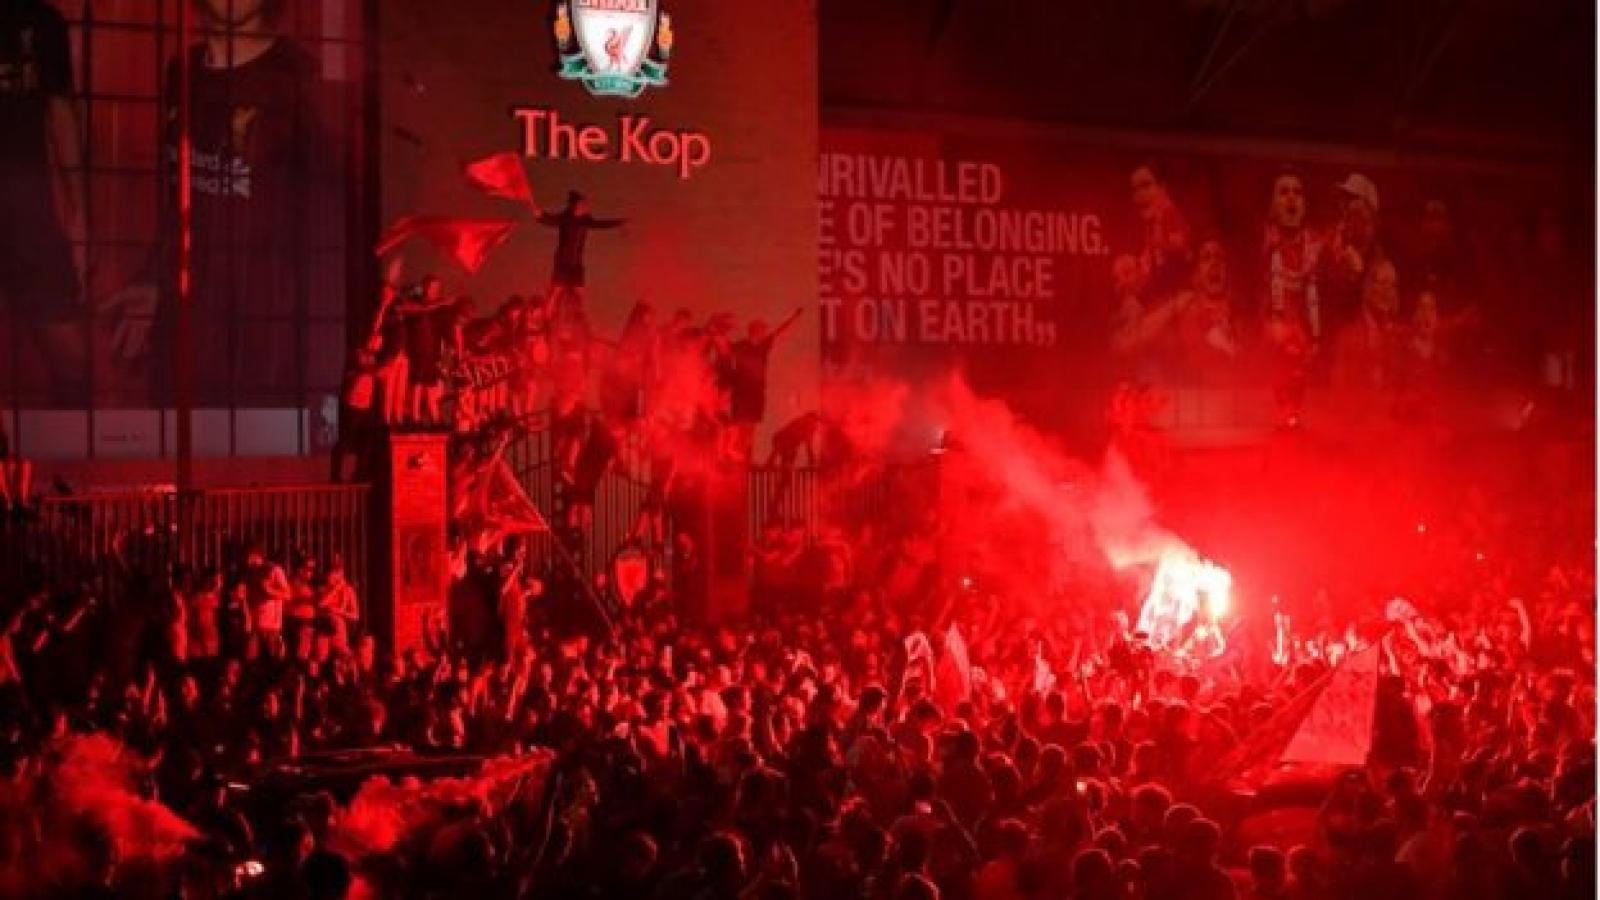 Ảnh: Cổ động viên Liverpool nhuộm đỏ đường phố ăn mừng chức vô địch